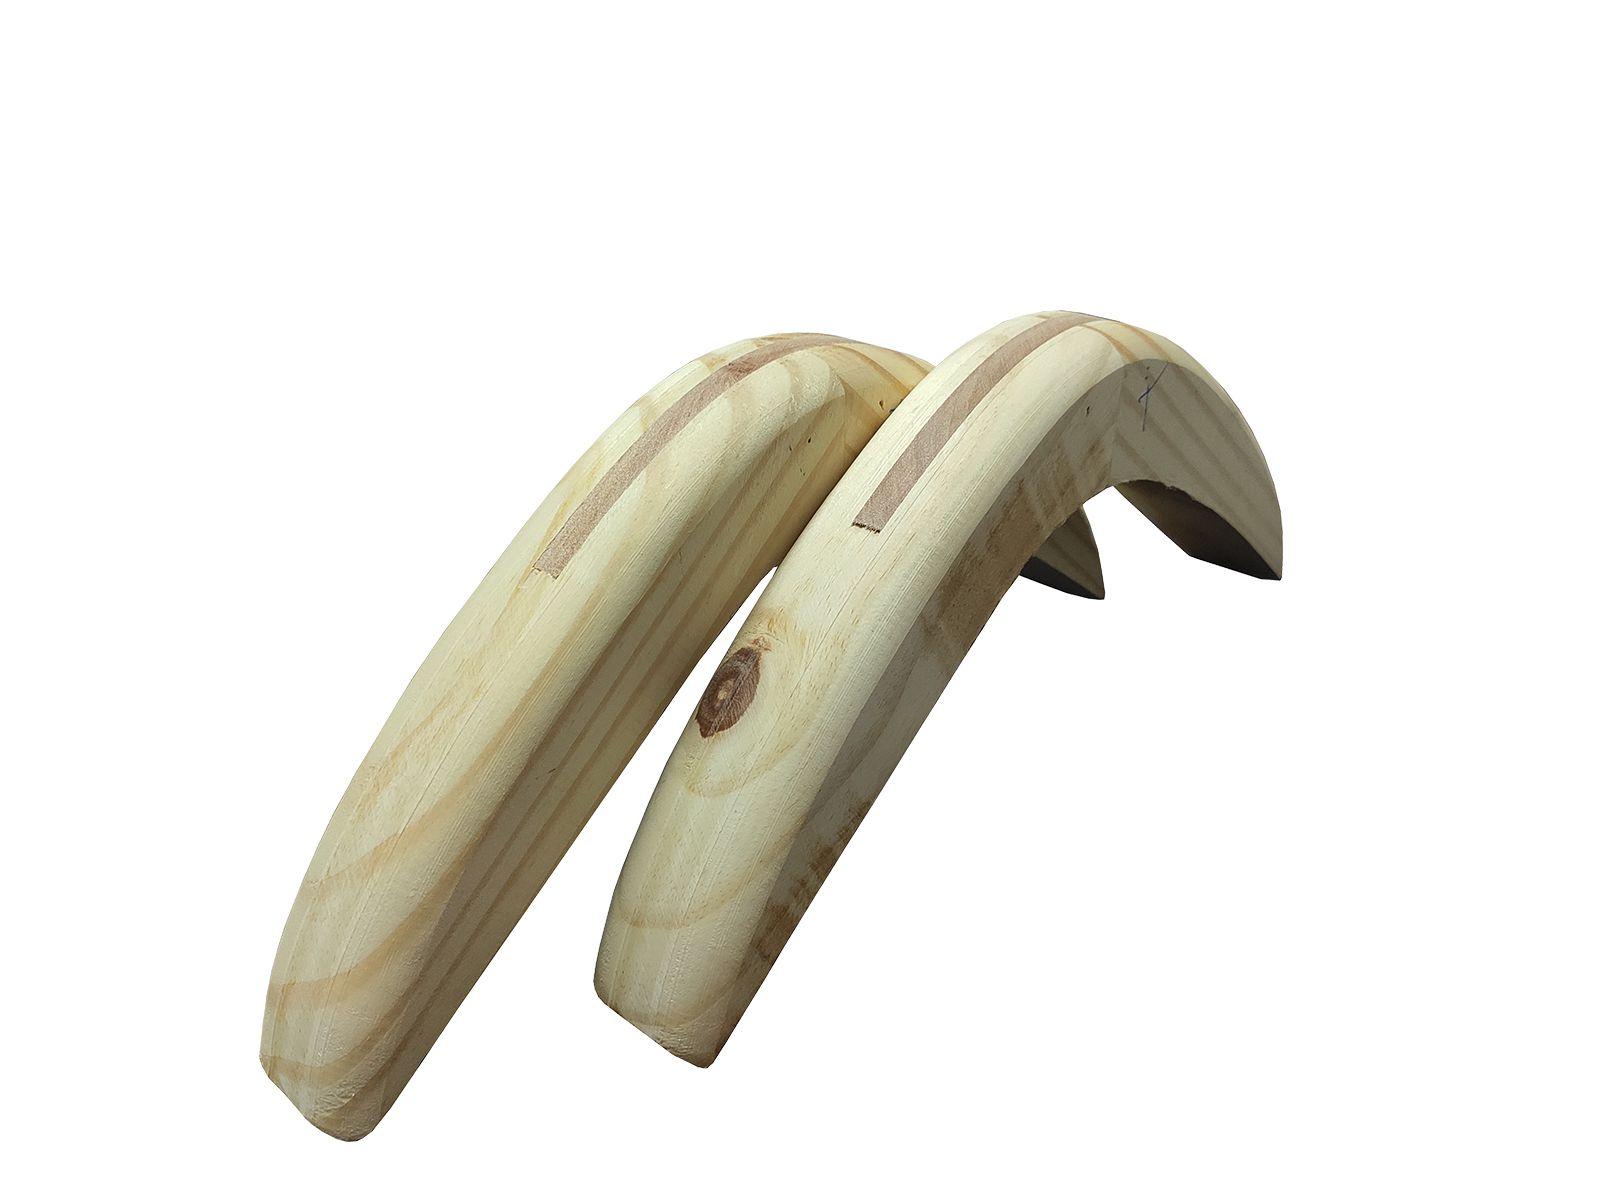 Par de Banana para Arreio